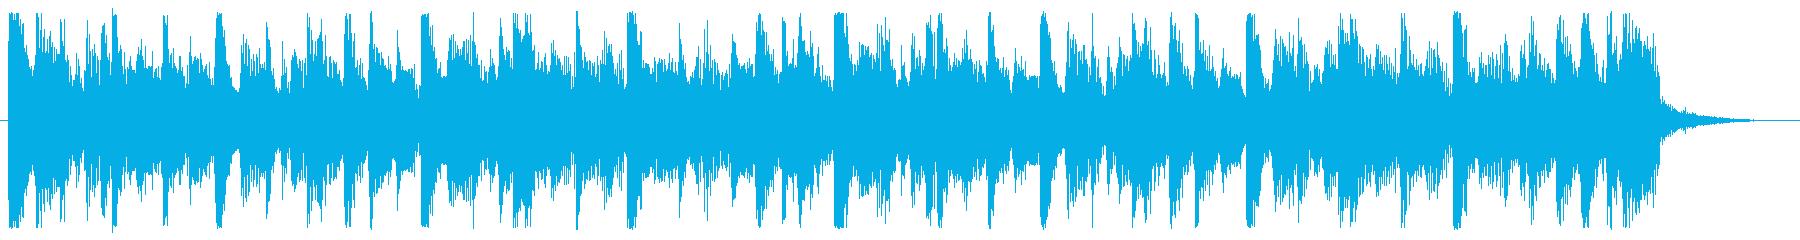 優しい雰囲気のR&B_No495_4の再生済みの波形